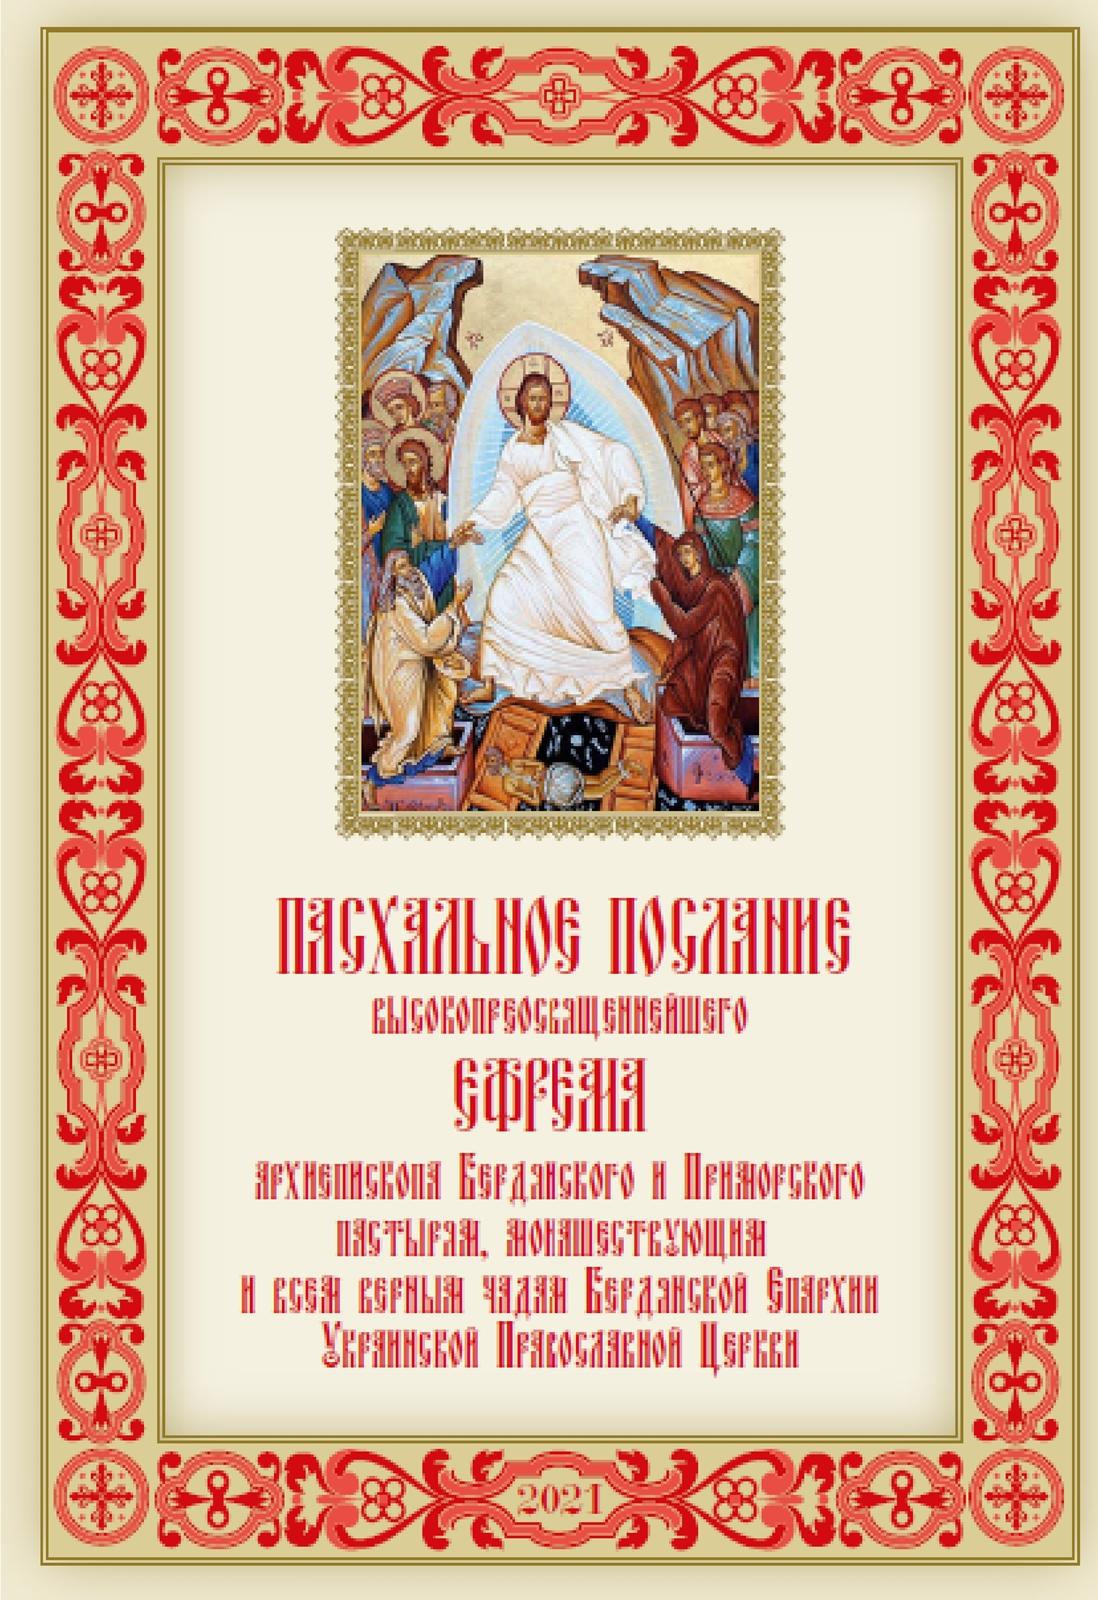 Пасхальное послание Управляющего Бердянской епархией